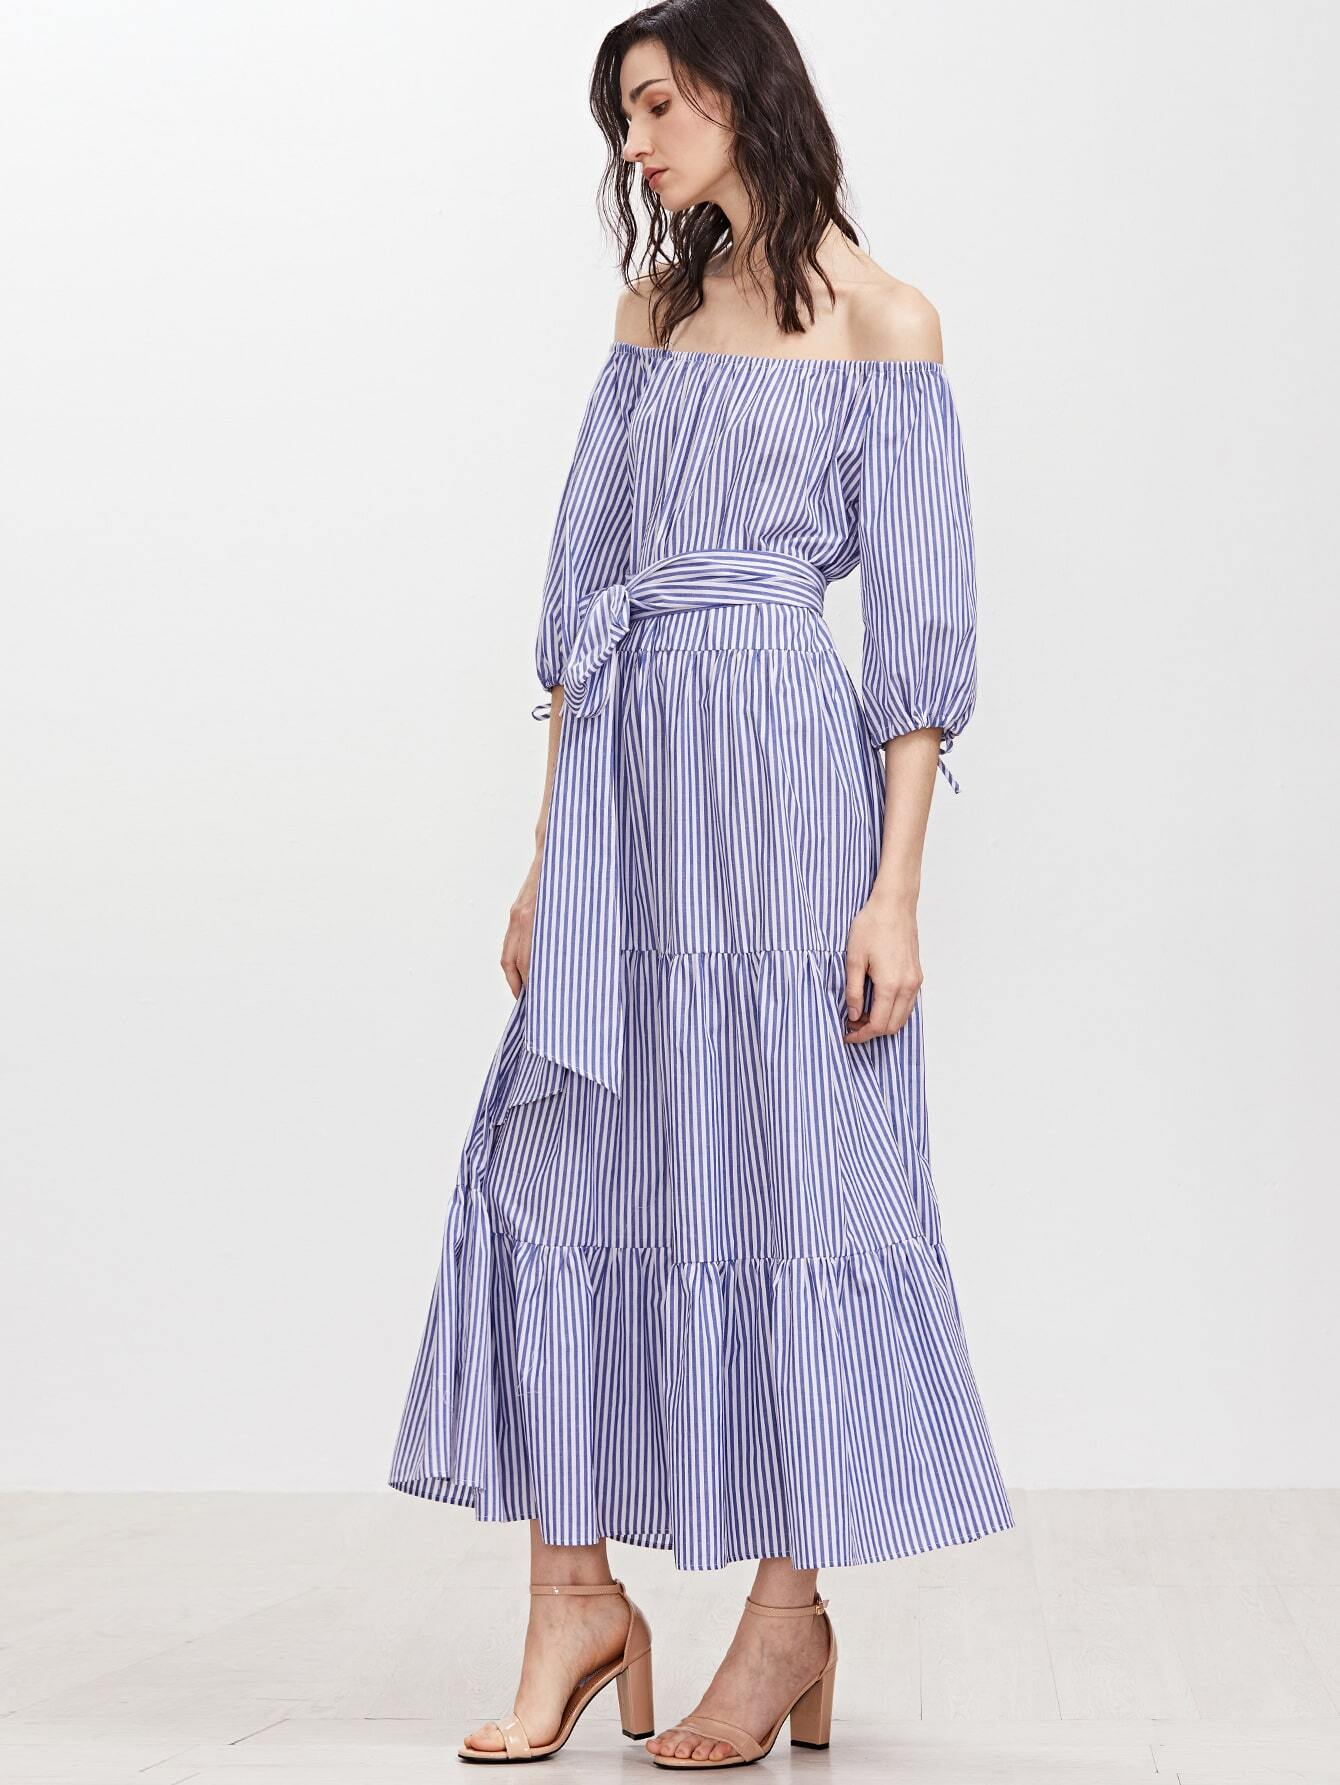 dress161227721_2